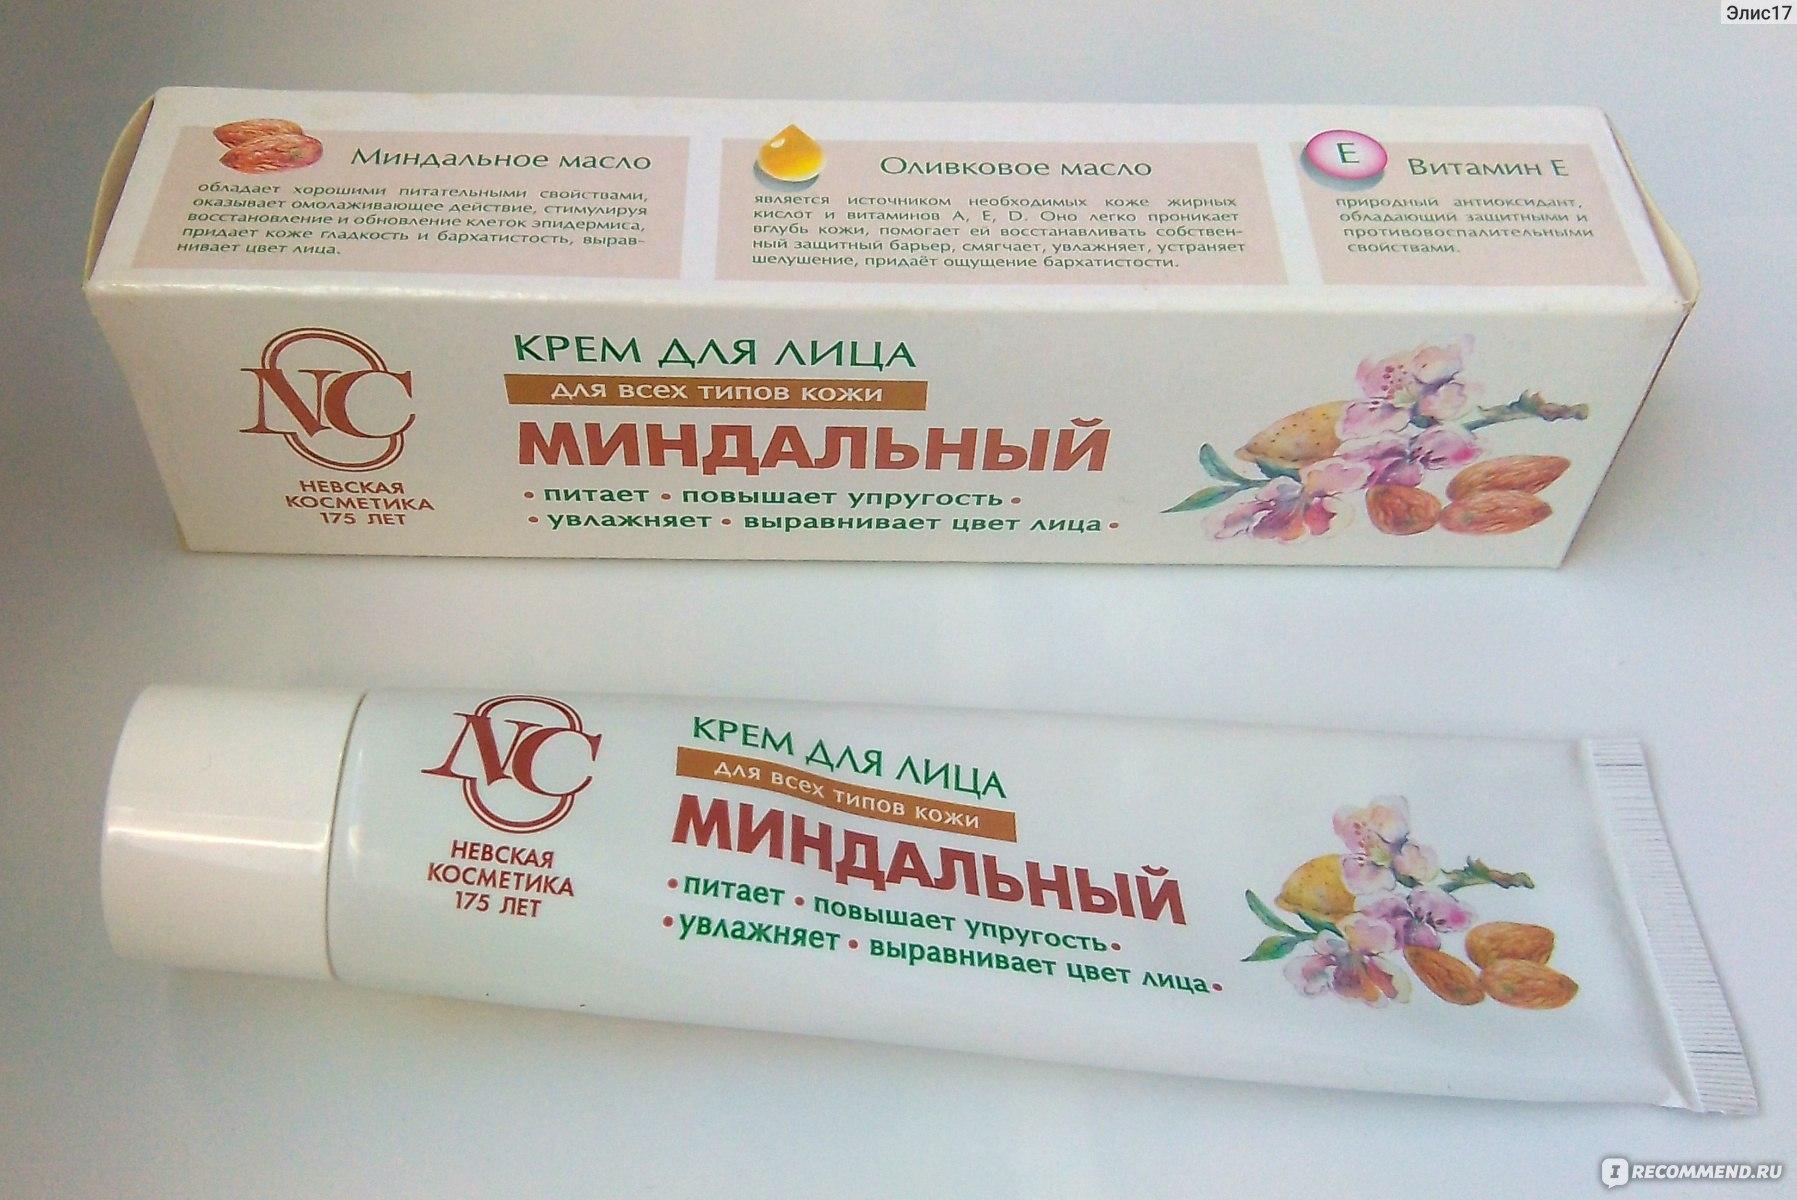 Невская косметика миндальный крем купить крымская косметика в харькове купить